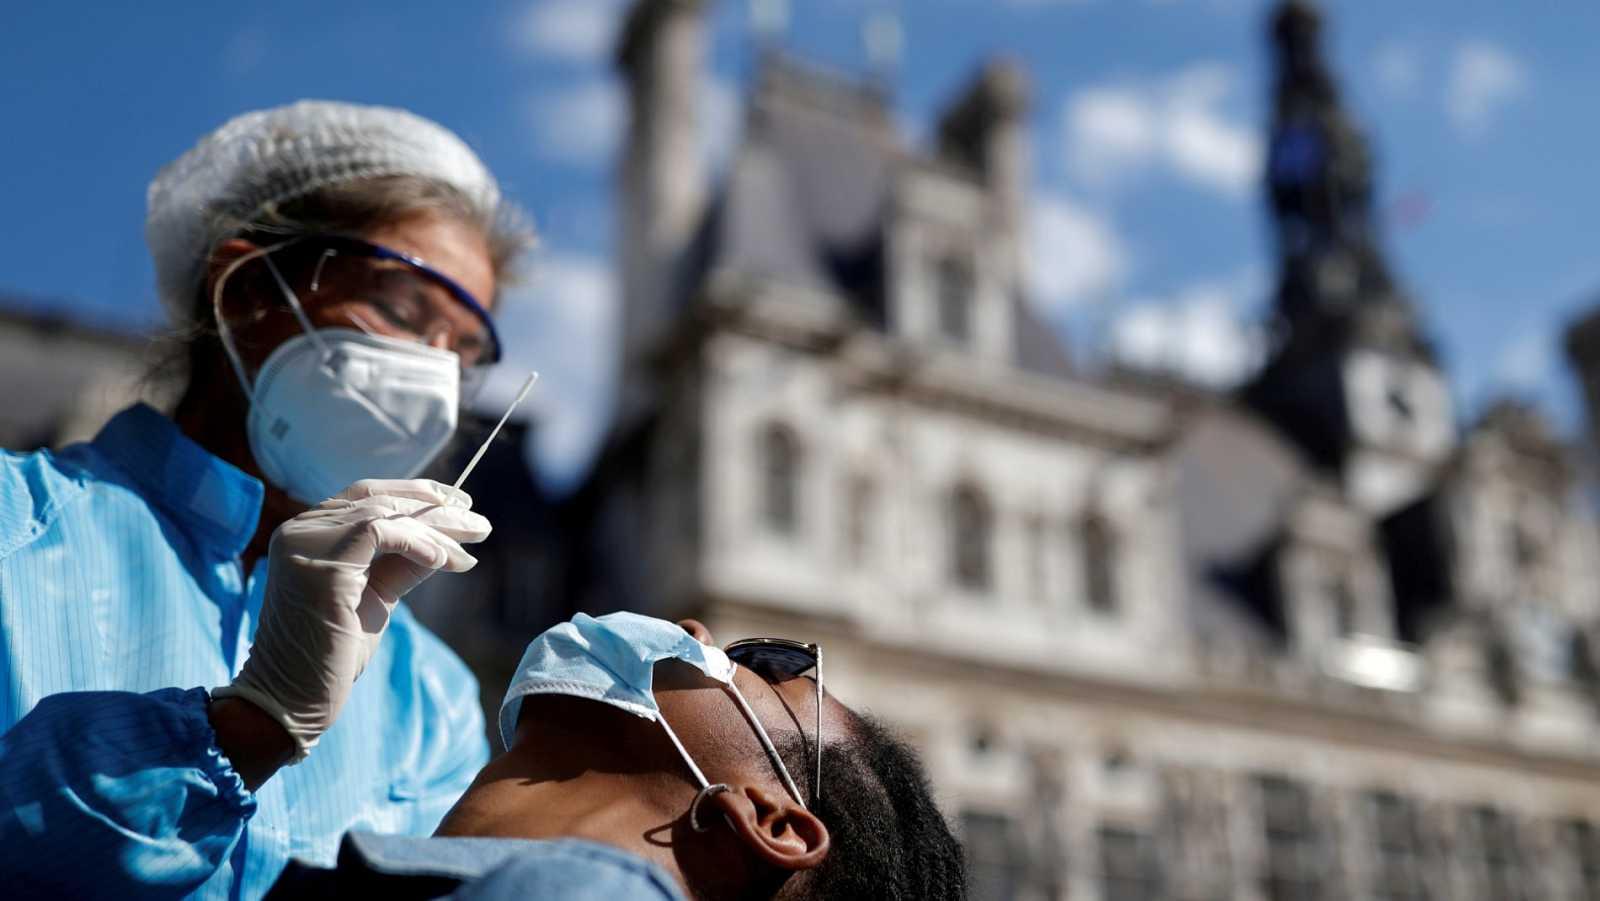 París entra este lunes en alerta máxima por la expansión de la pandemia de coronavirus